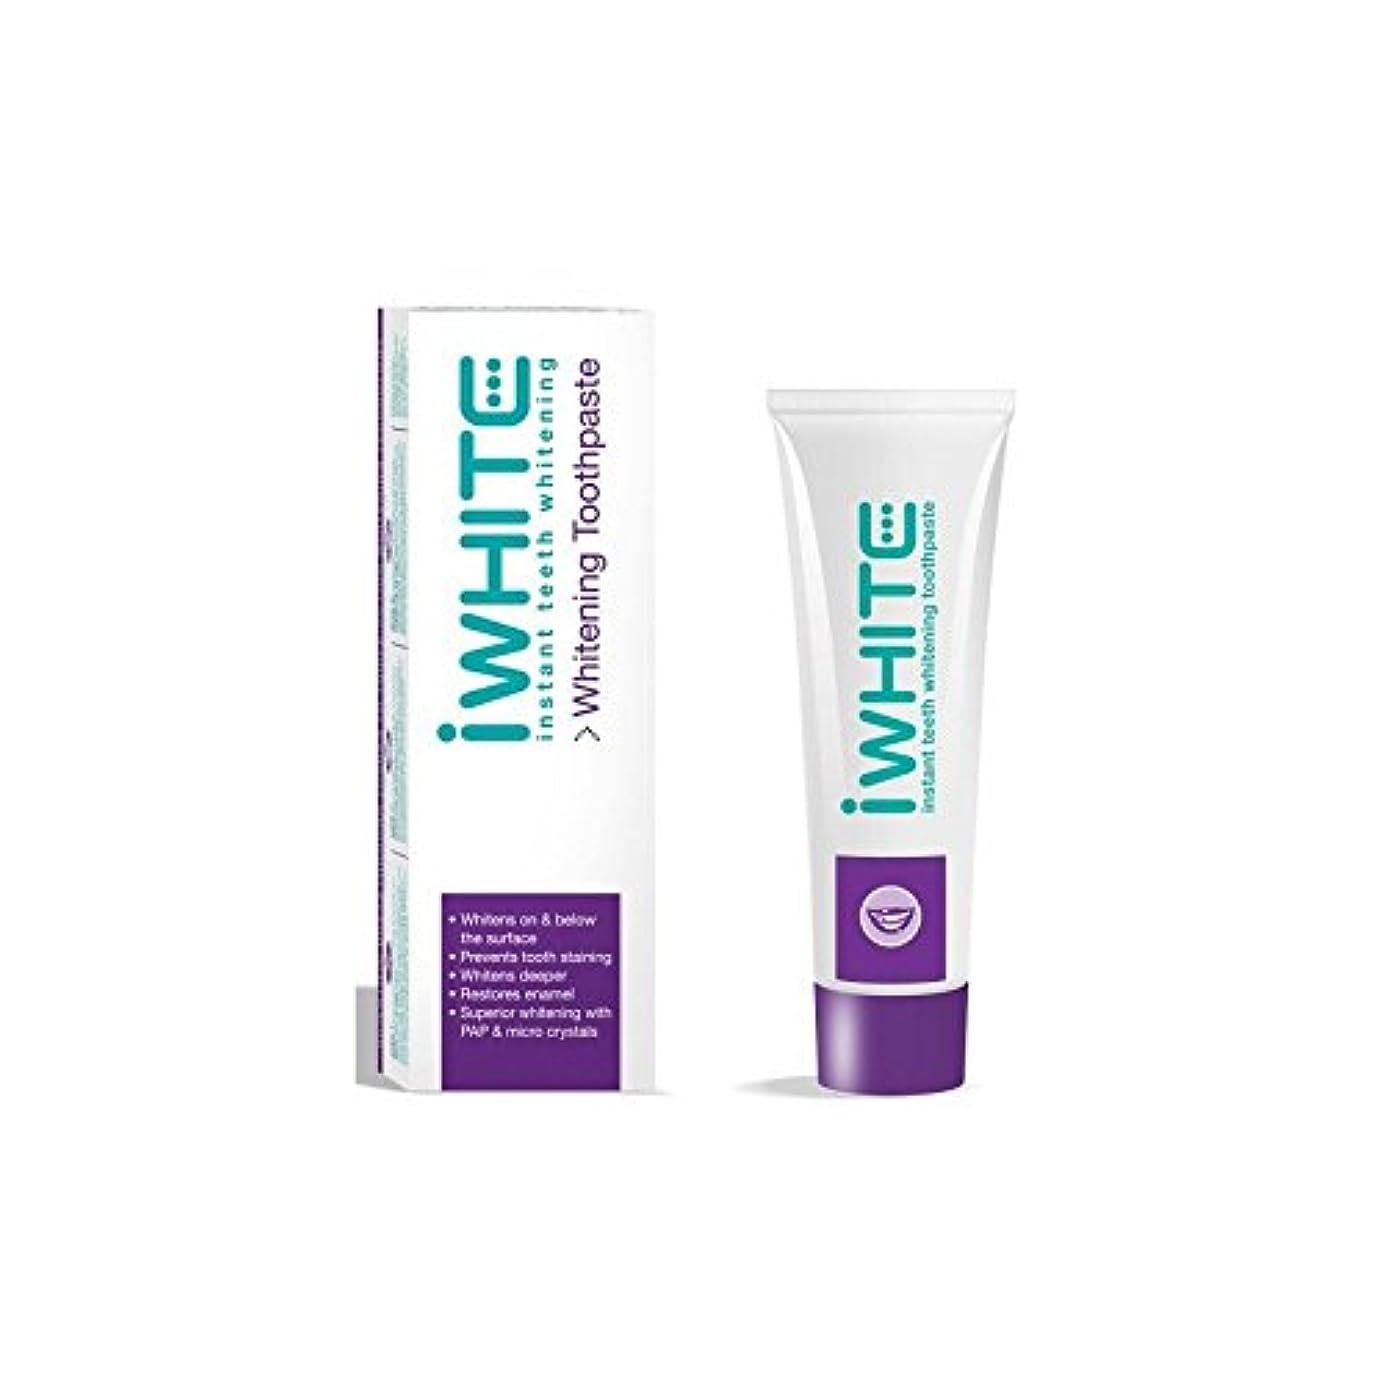 保持する威する元気な歯磨き粉を白くインスタント歯(75ミリリットル) x4 - iWhite Instant Teeth Whitening Toothpaste (75ml) (Pack of 4) [並行輸入品]